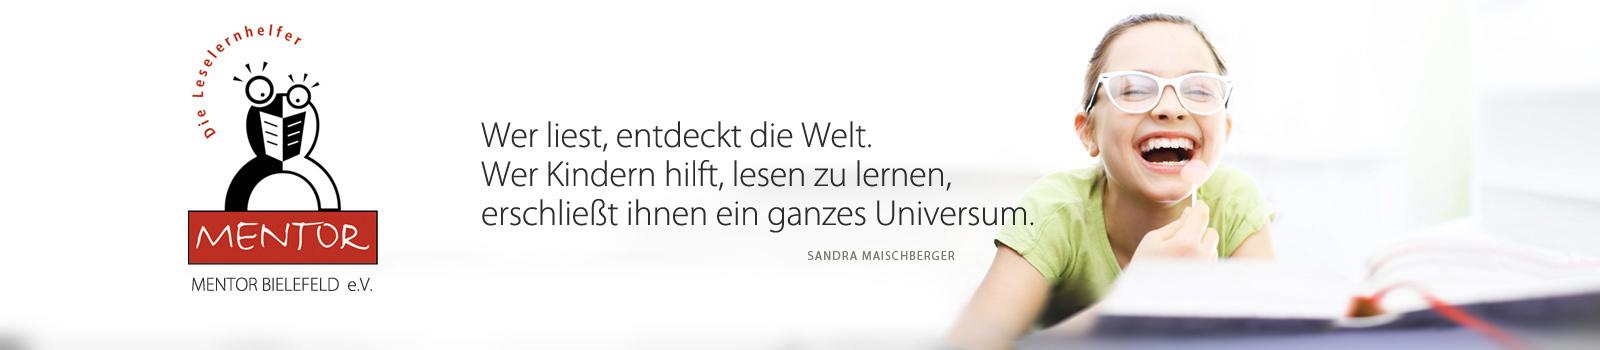 Mentor Bielefeld e.V.